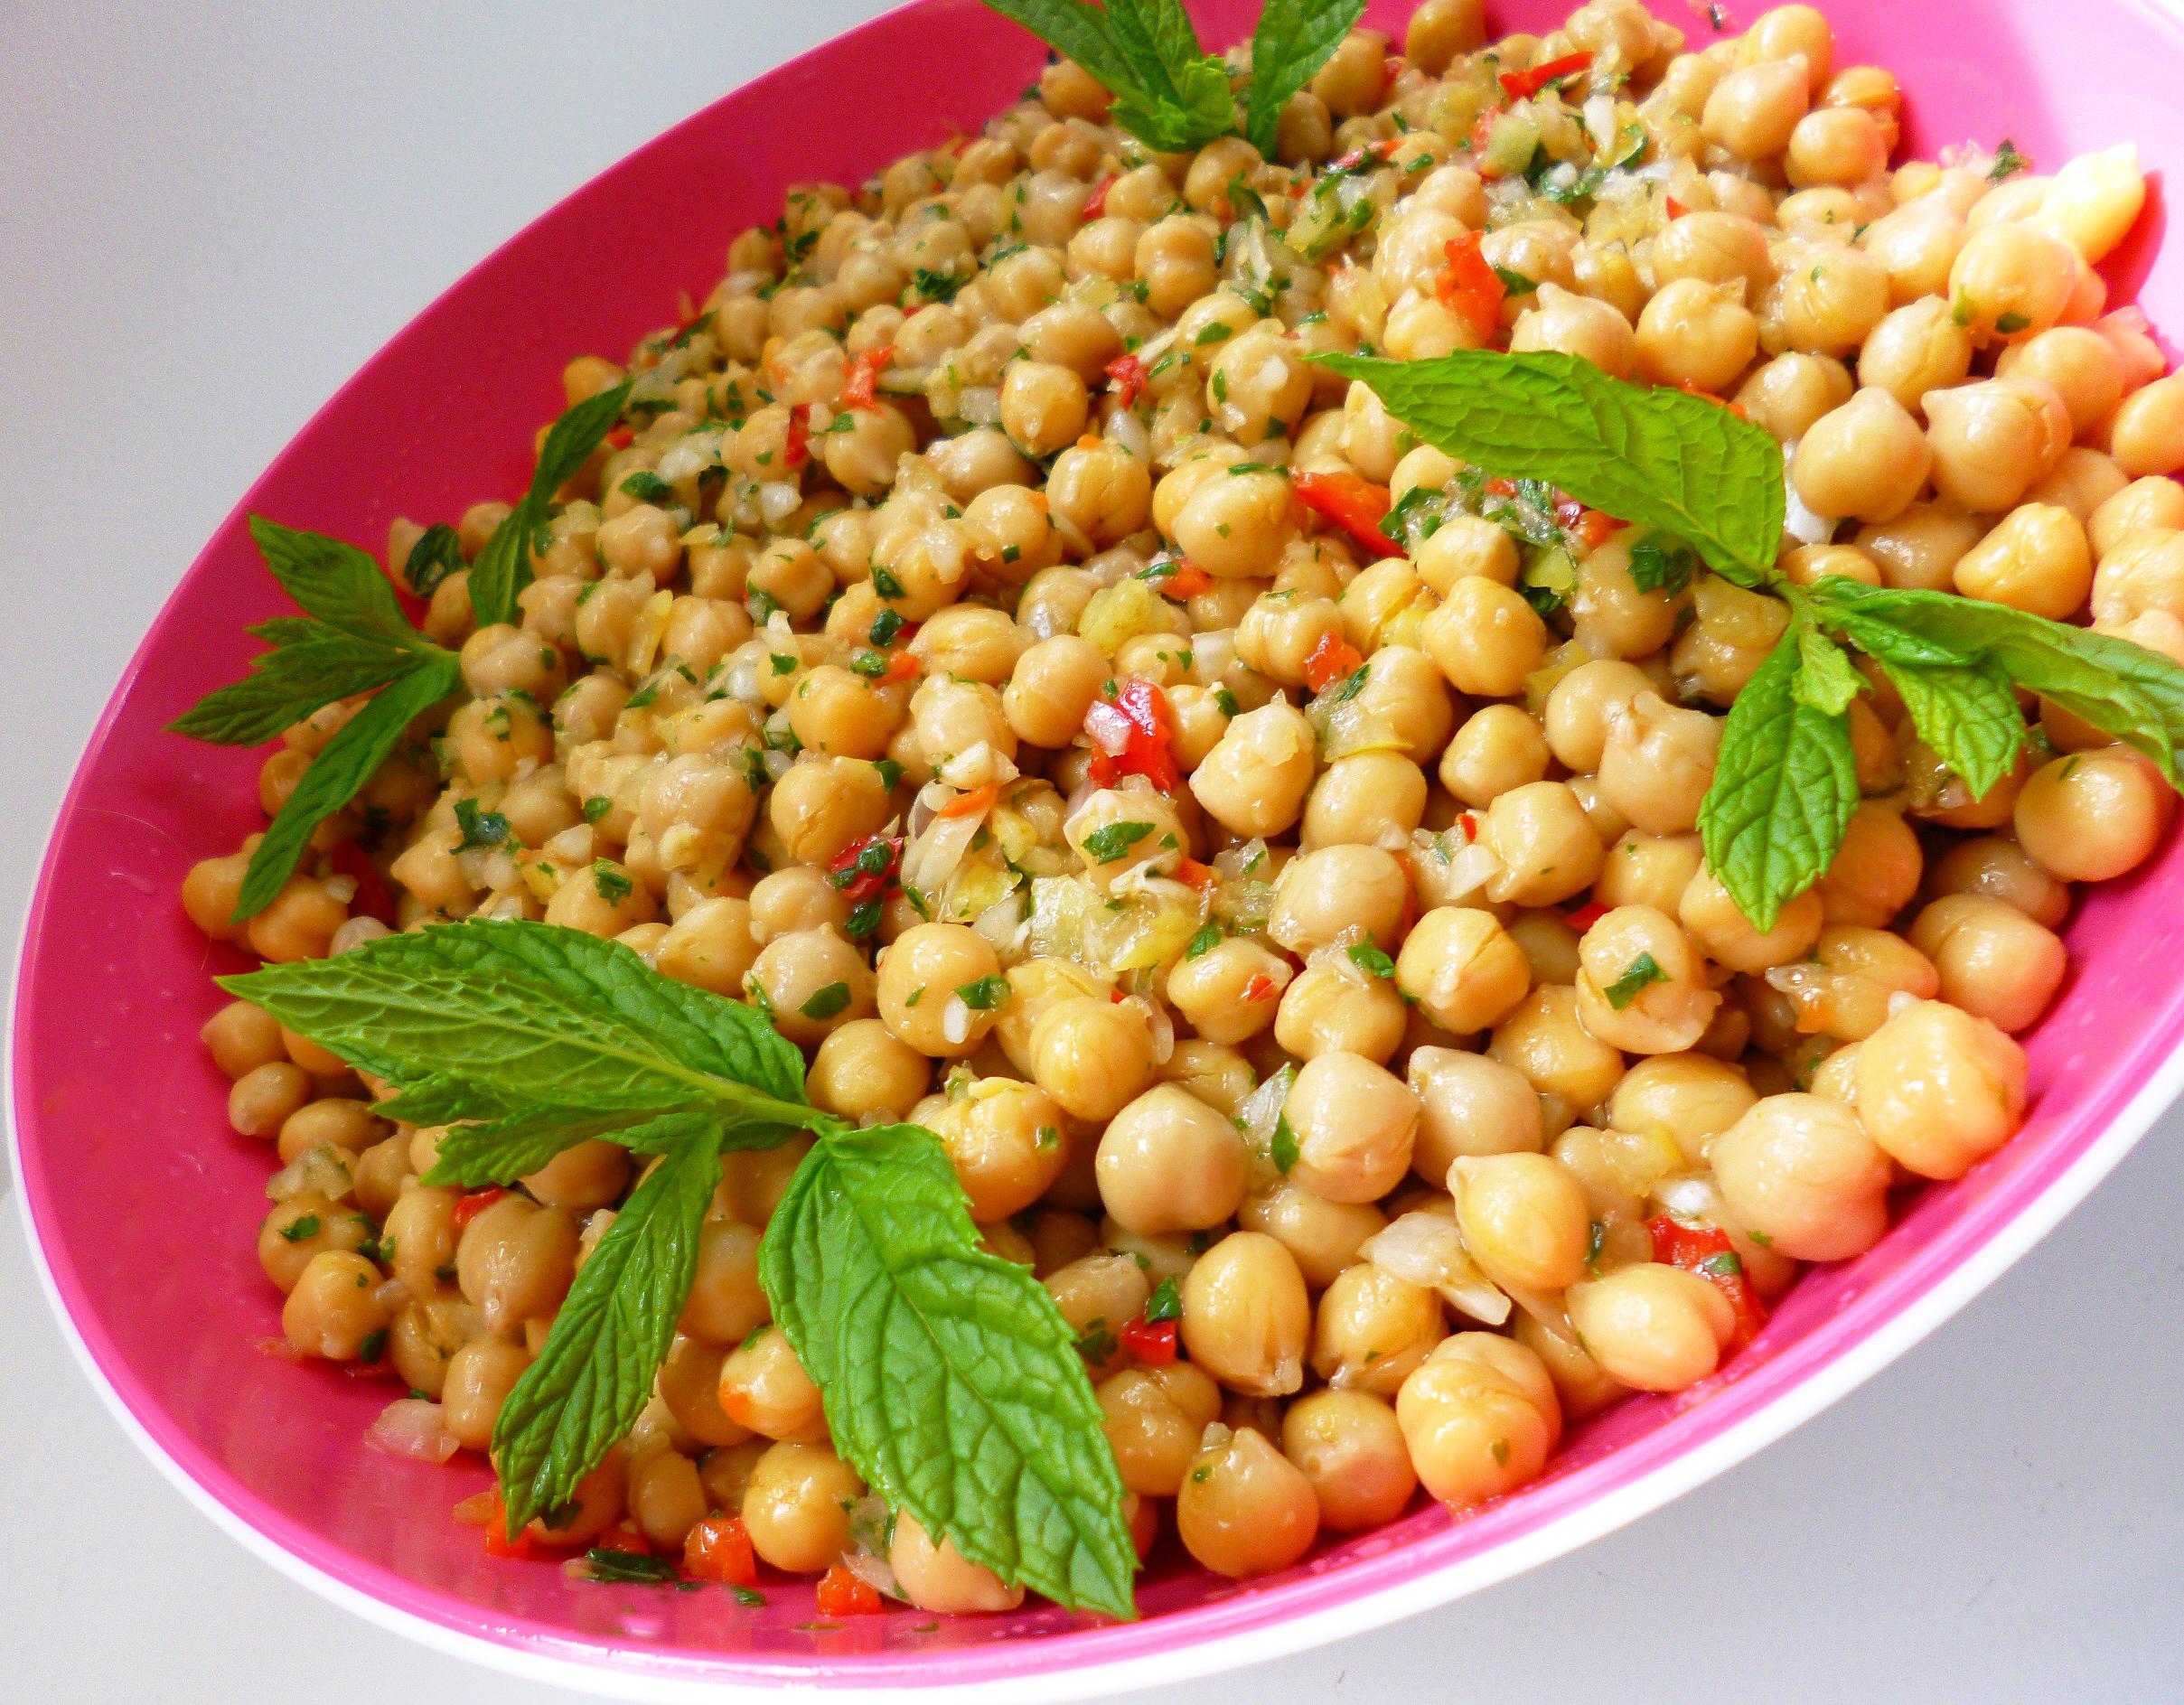 Salade de pois chiche l 39 orientale la recette facile par toqu s 2 cuisine - Cuisine orientale facile ...